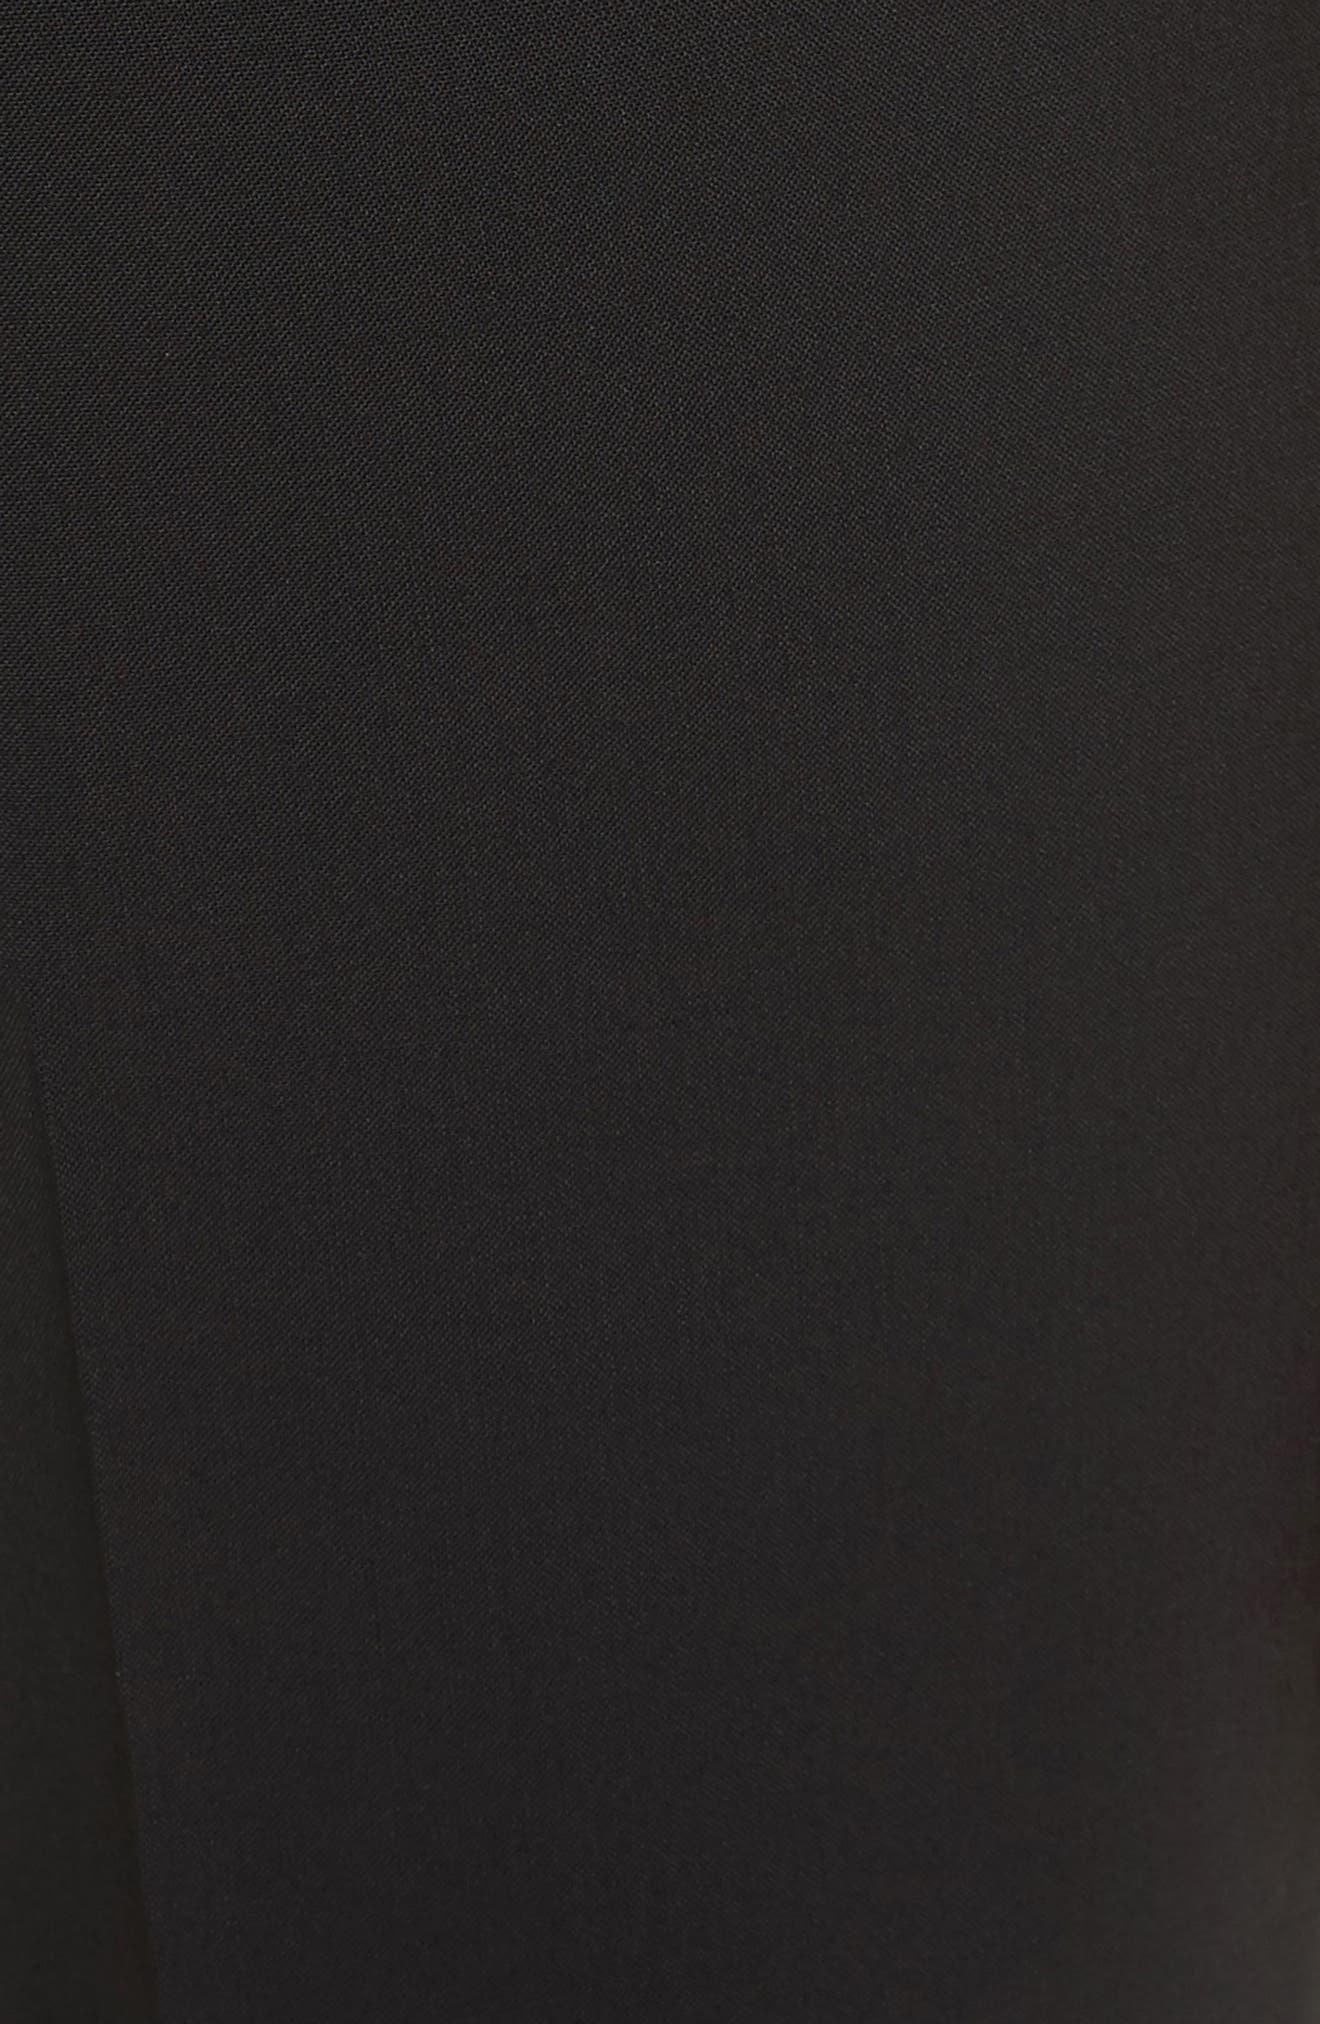 Treeca 2 Good Wool Crop Suit Pants,                             Alternate thumbnail 6, color,                             BLACK